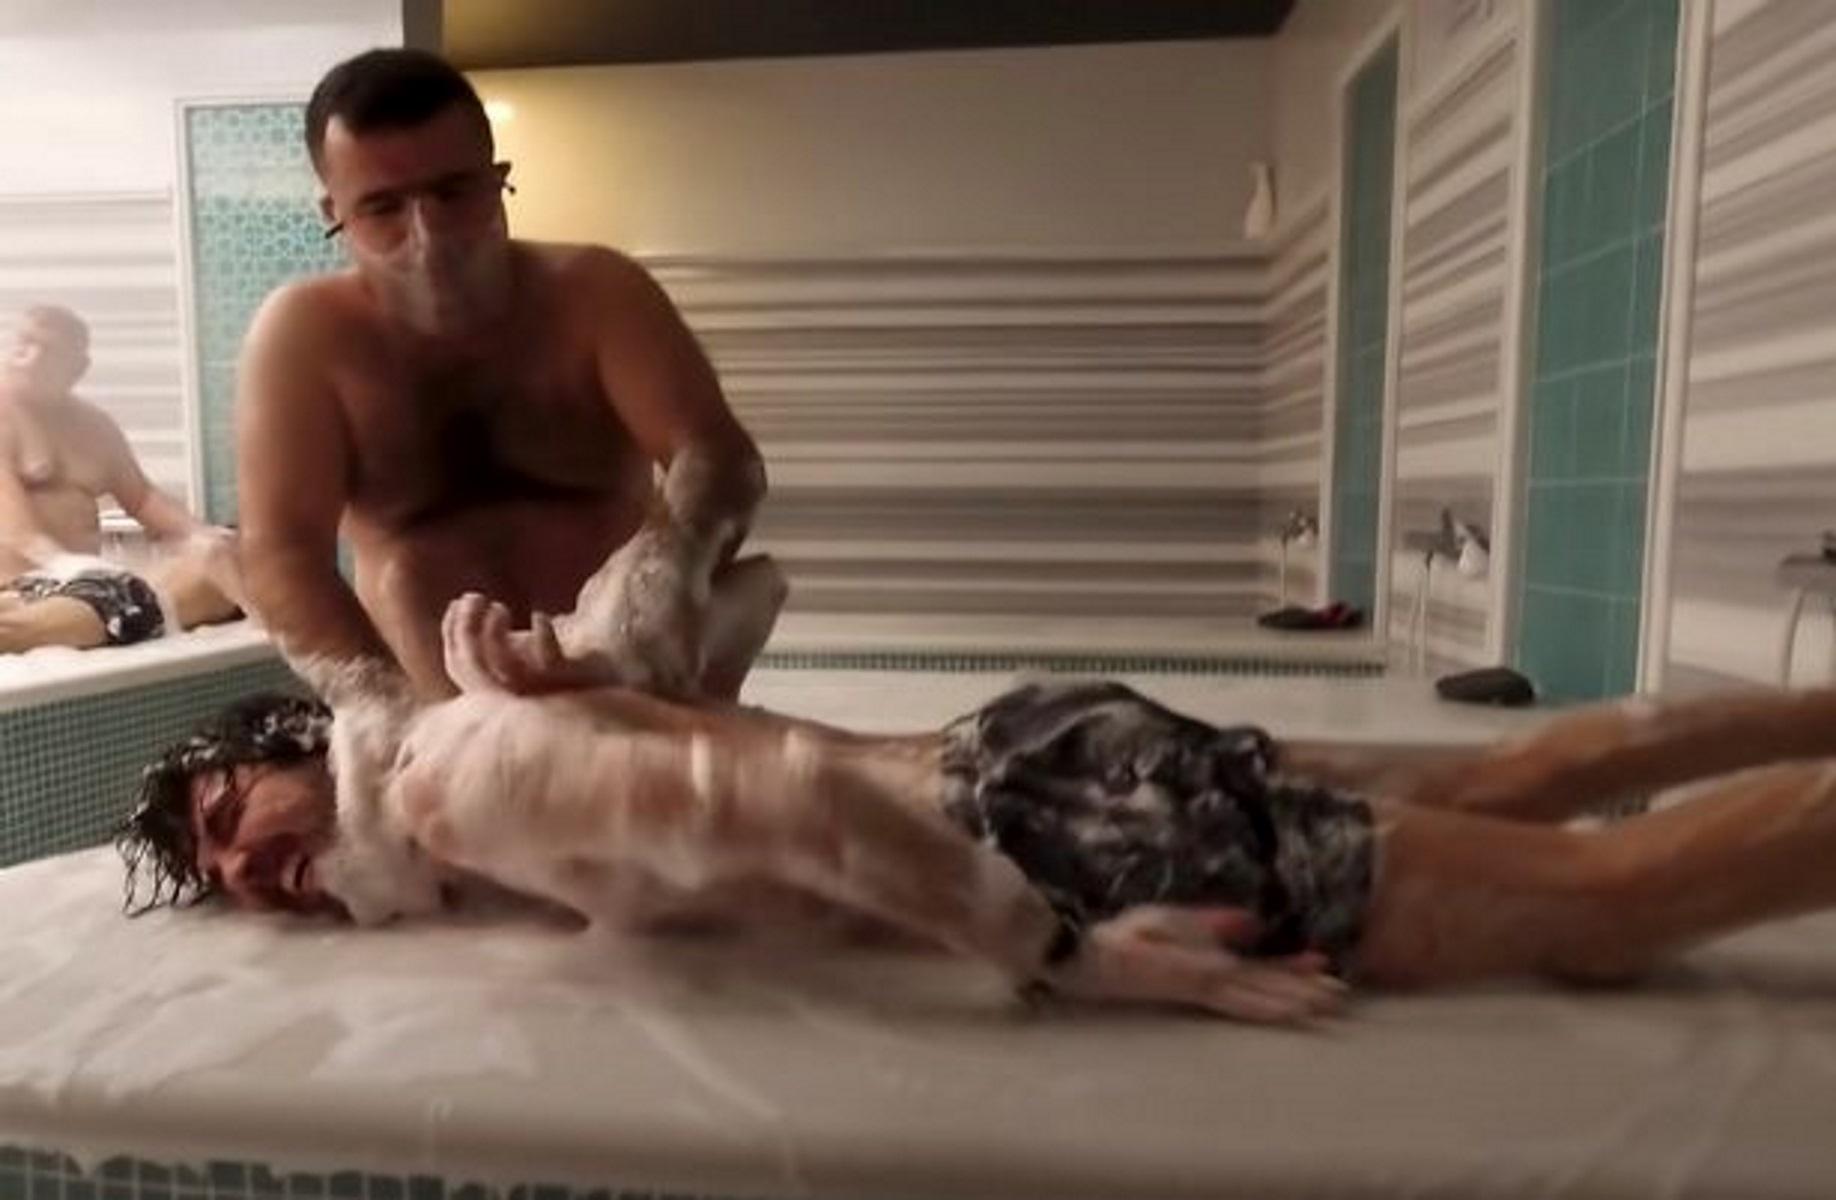 Το μασάζ κατέληξε σε βασανιστήριο (video)